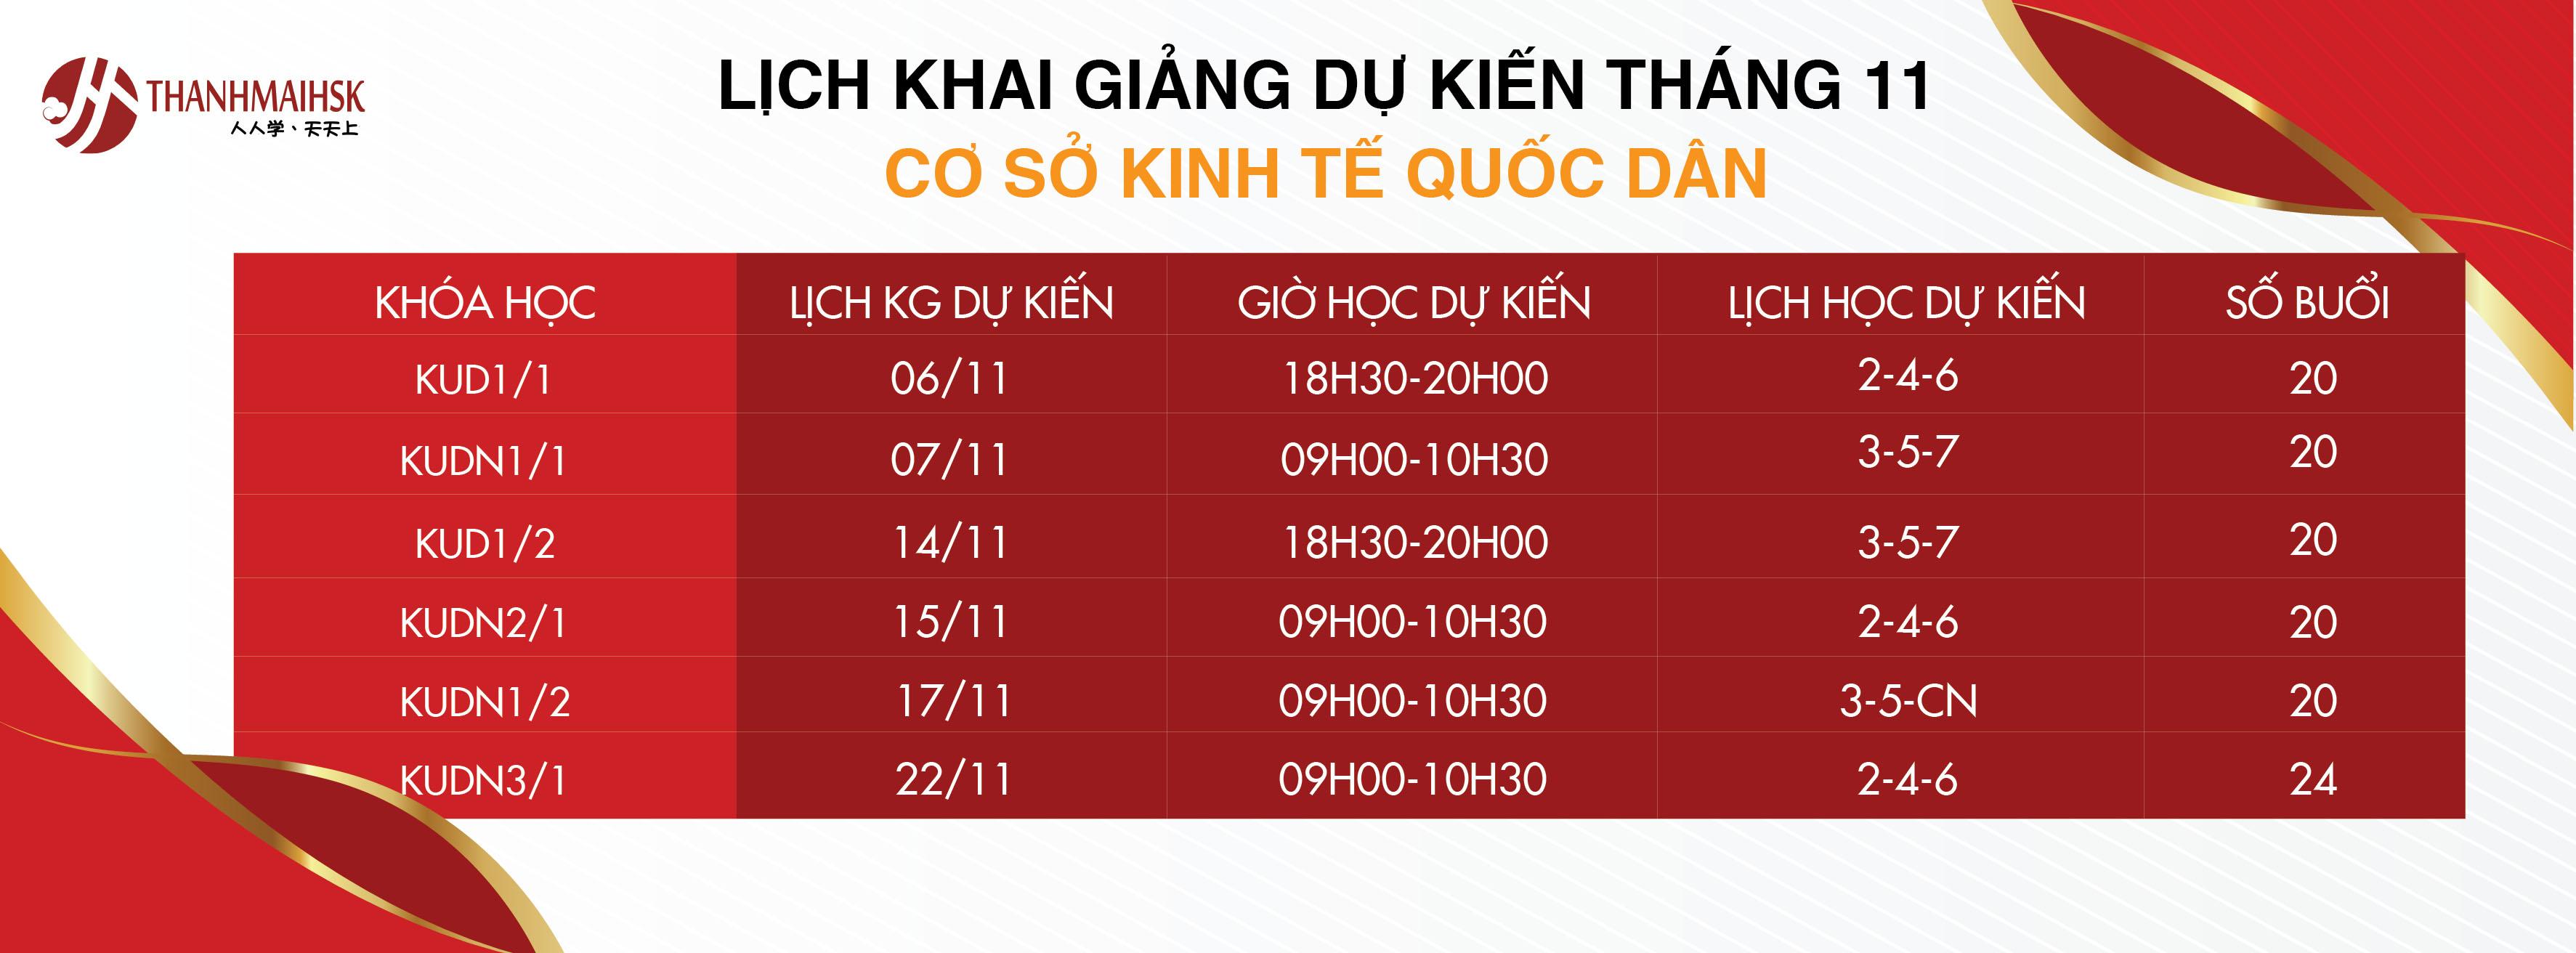 Lịch KGDK cơ sở 4 Kinh tế Quốc Dân